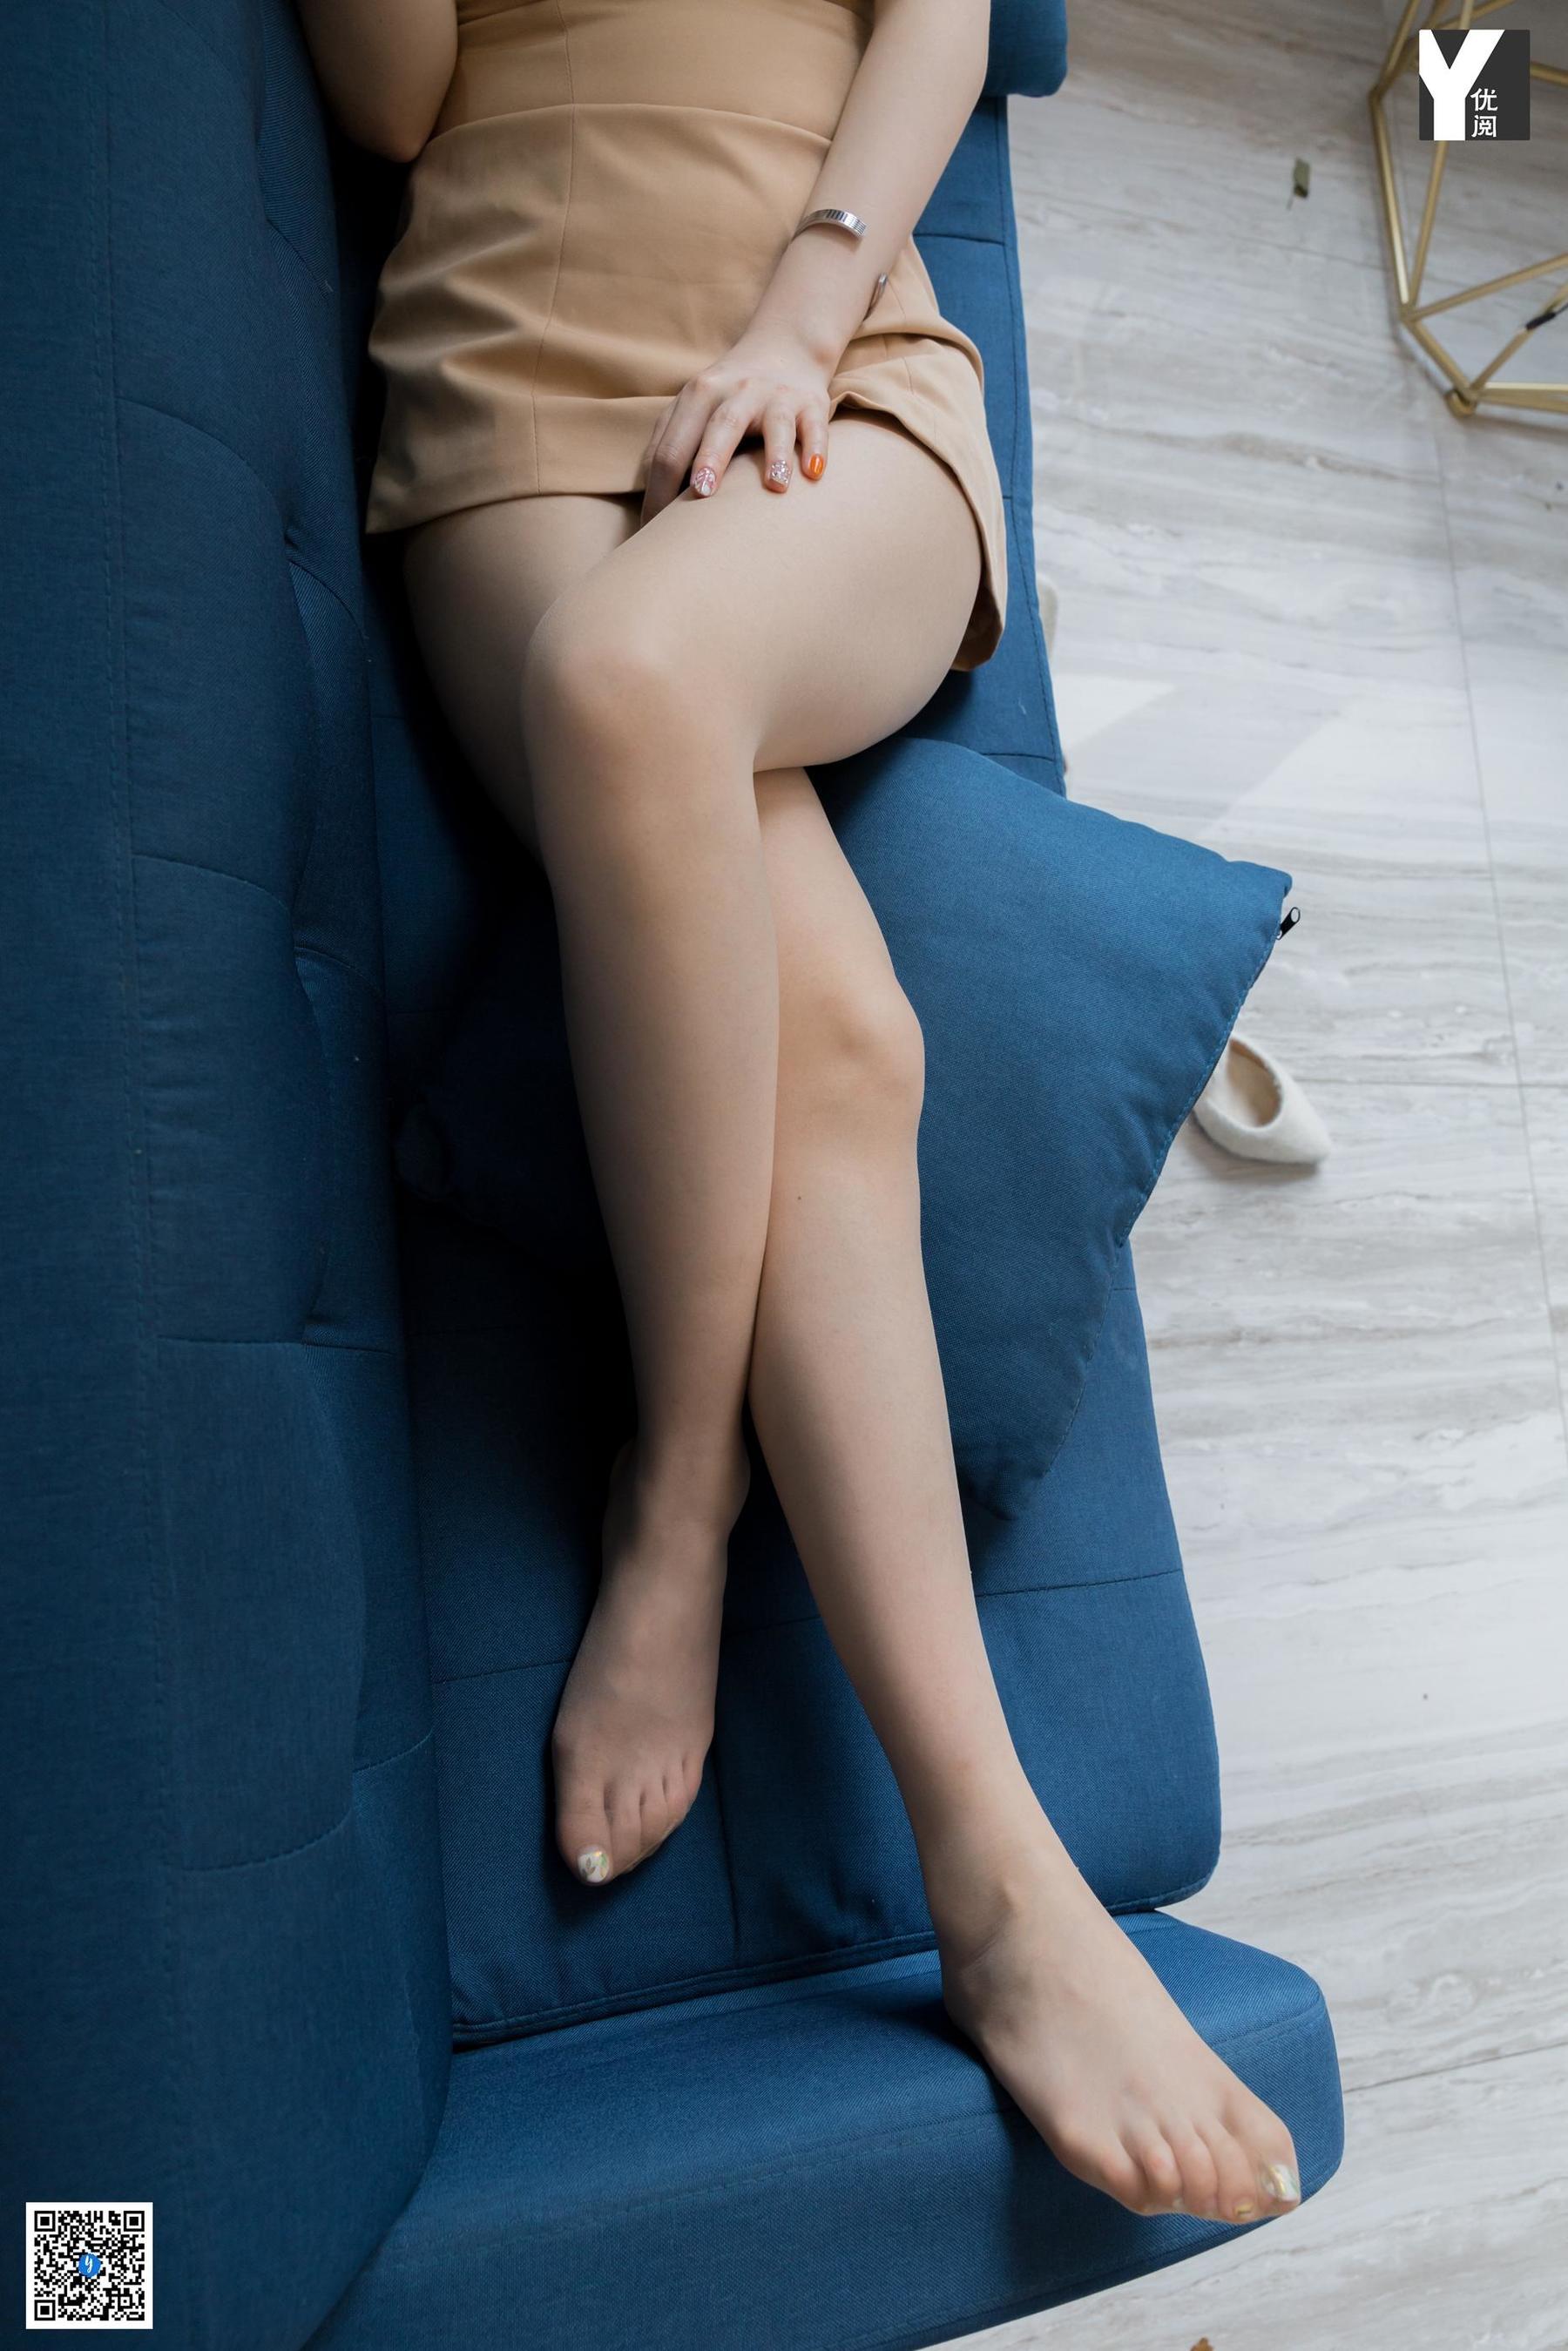 [IESS] 丝享家 764 喵姐《来一杯mojito》 丝袜美腿写真[90P]插图(10)